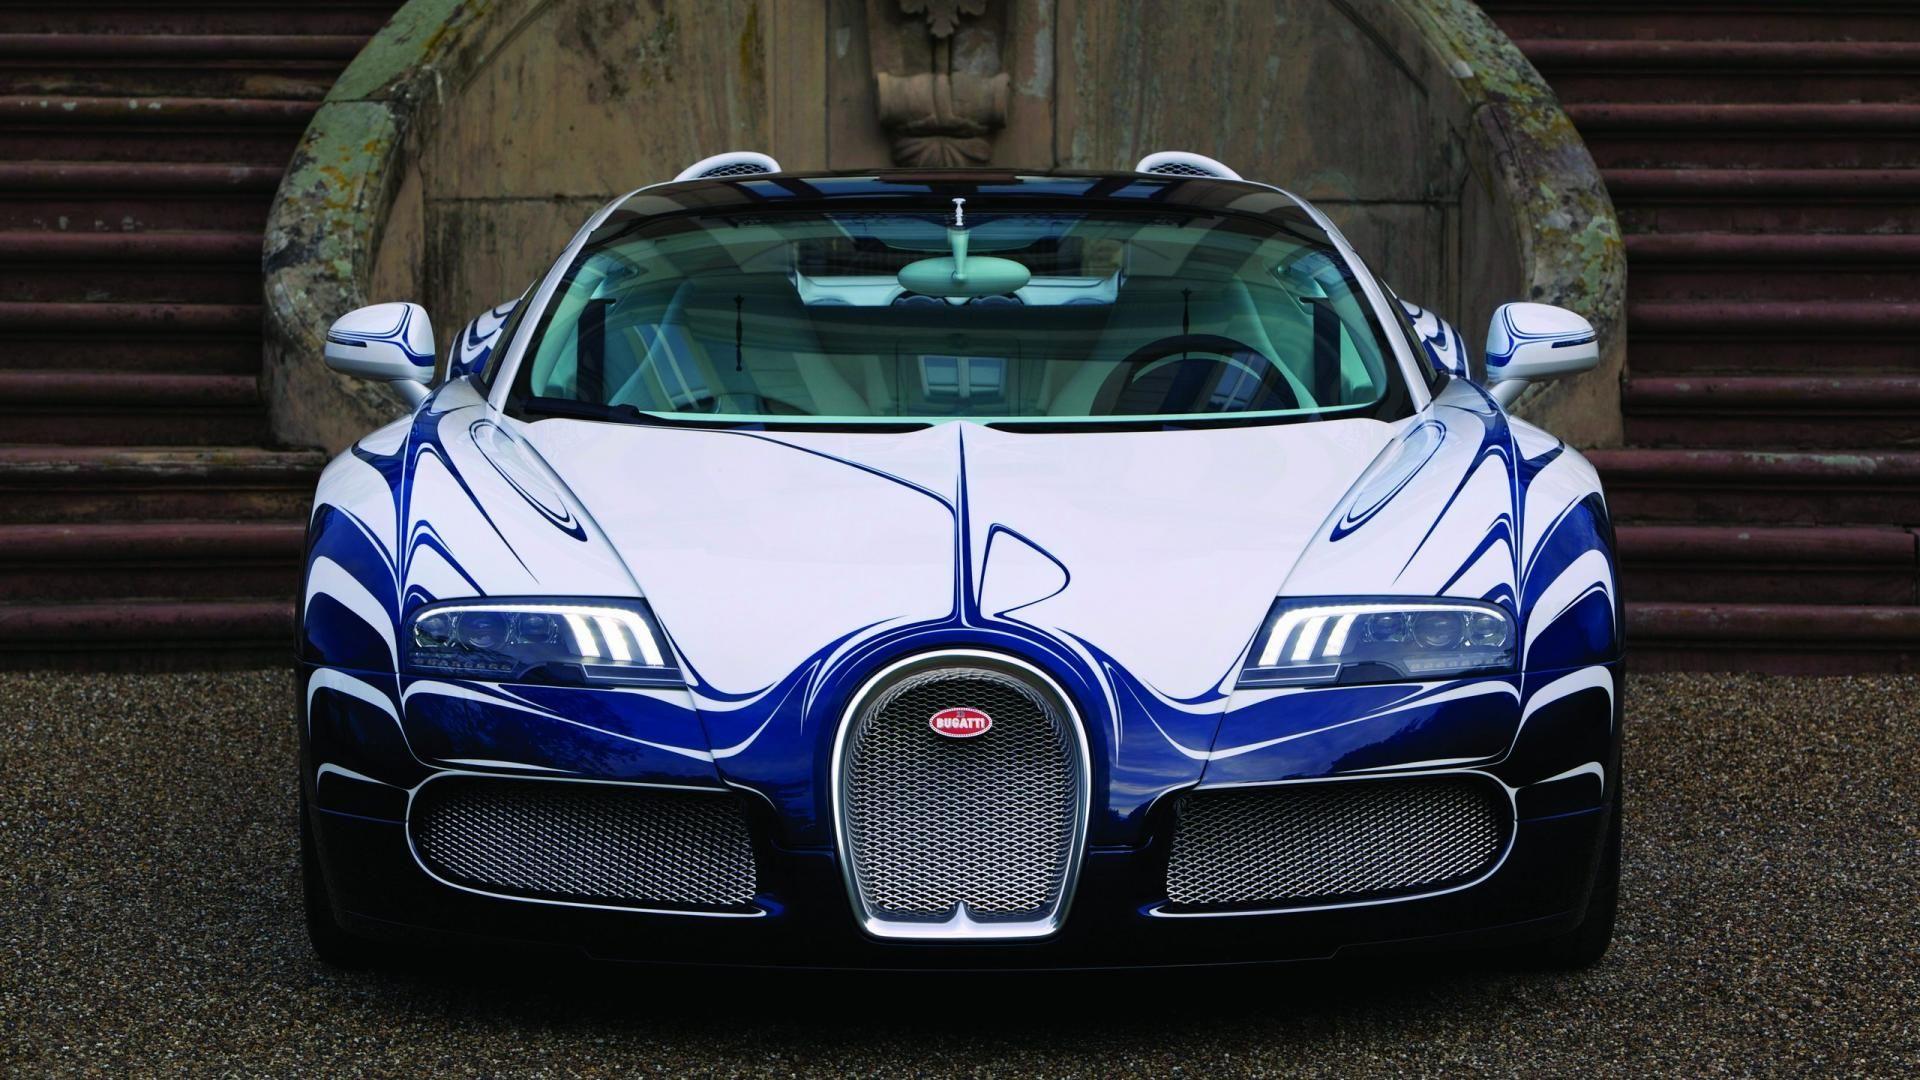 Bugatti Veyron Super Sports Cars